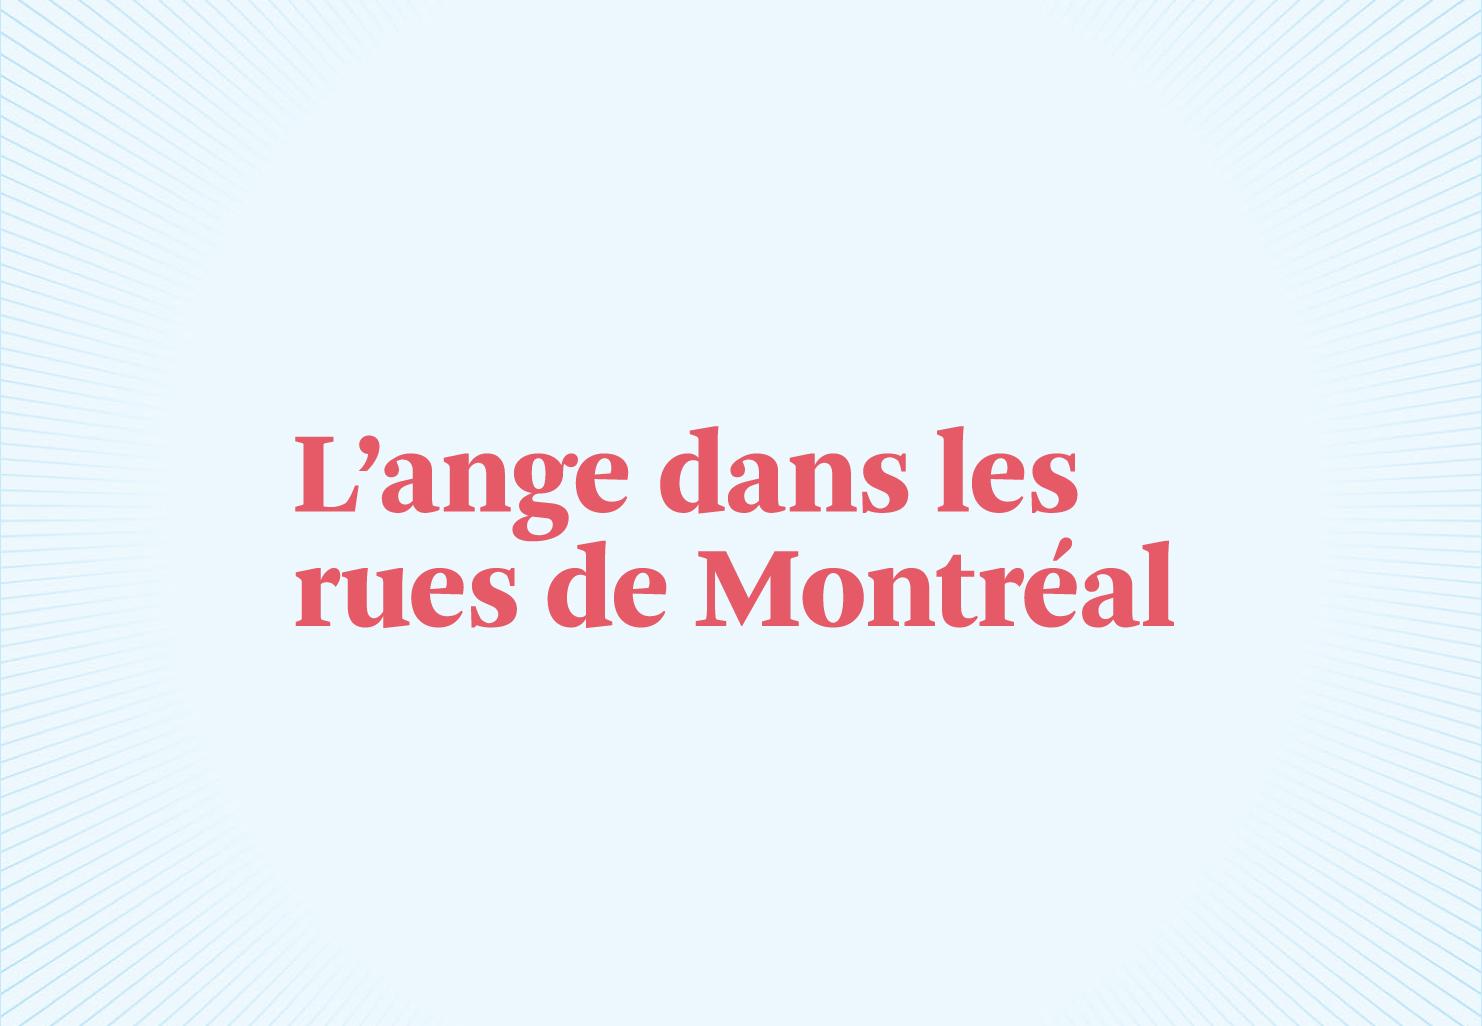 L'ange dans les rues de Montréal